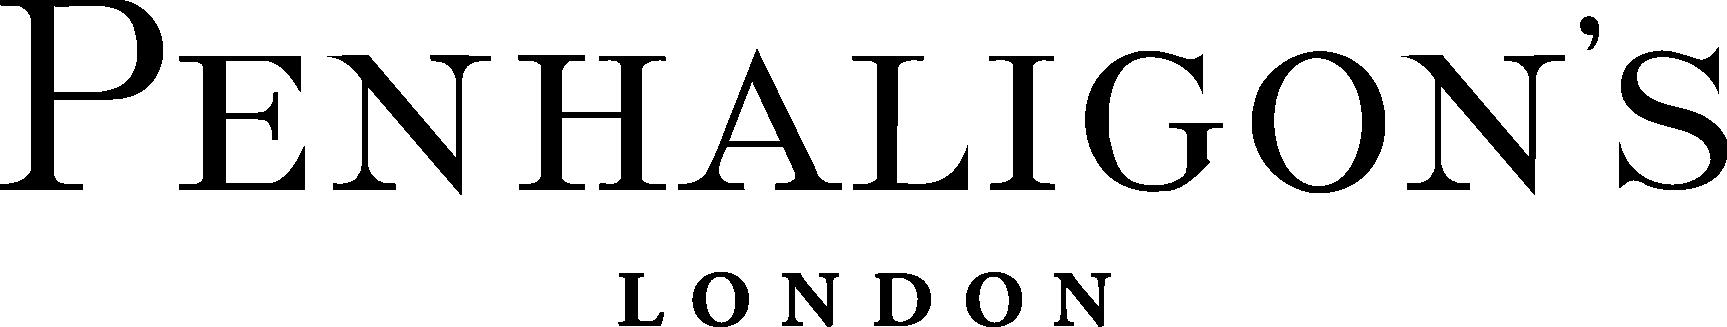 penhaligon-s-logo.jpg